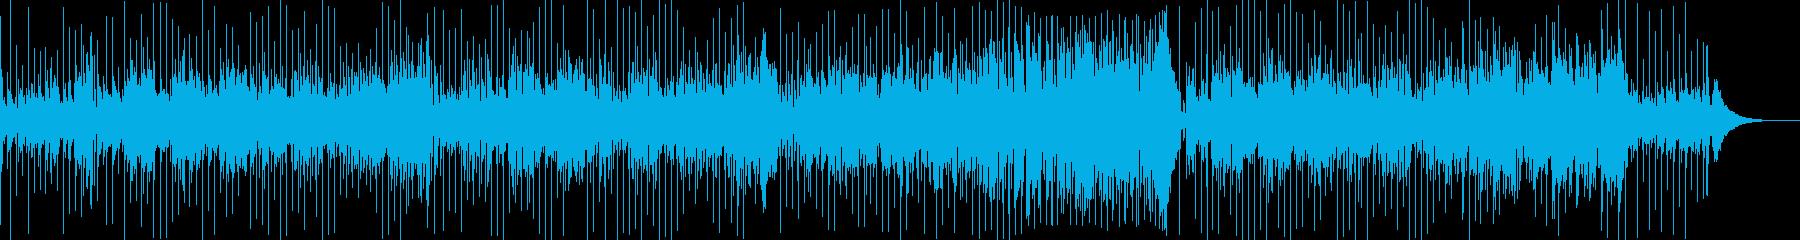 ラテンフィーリングを感じるソロギターの再生済みの波形